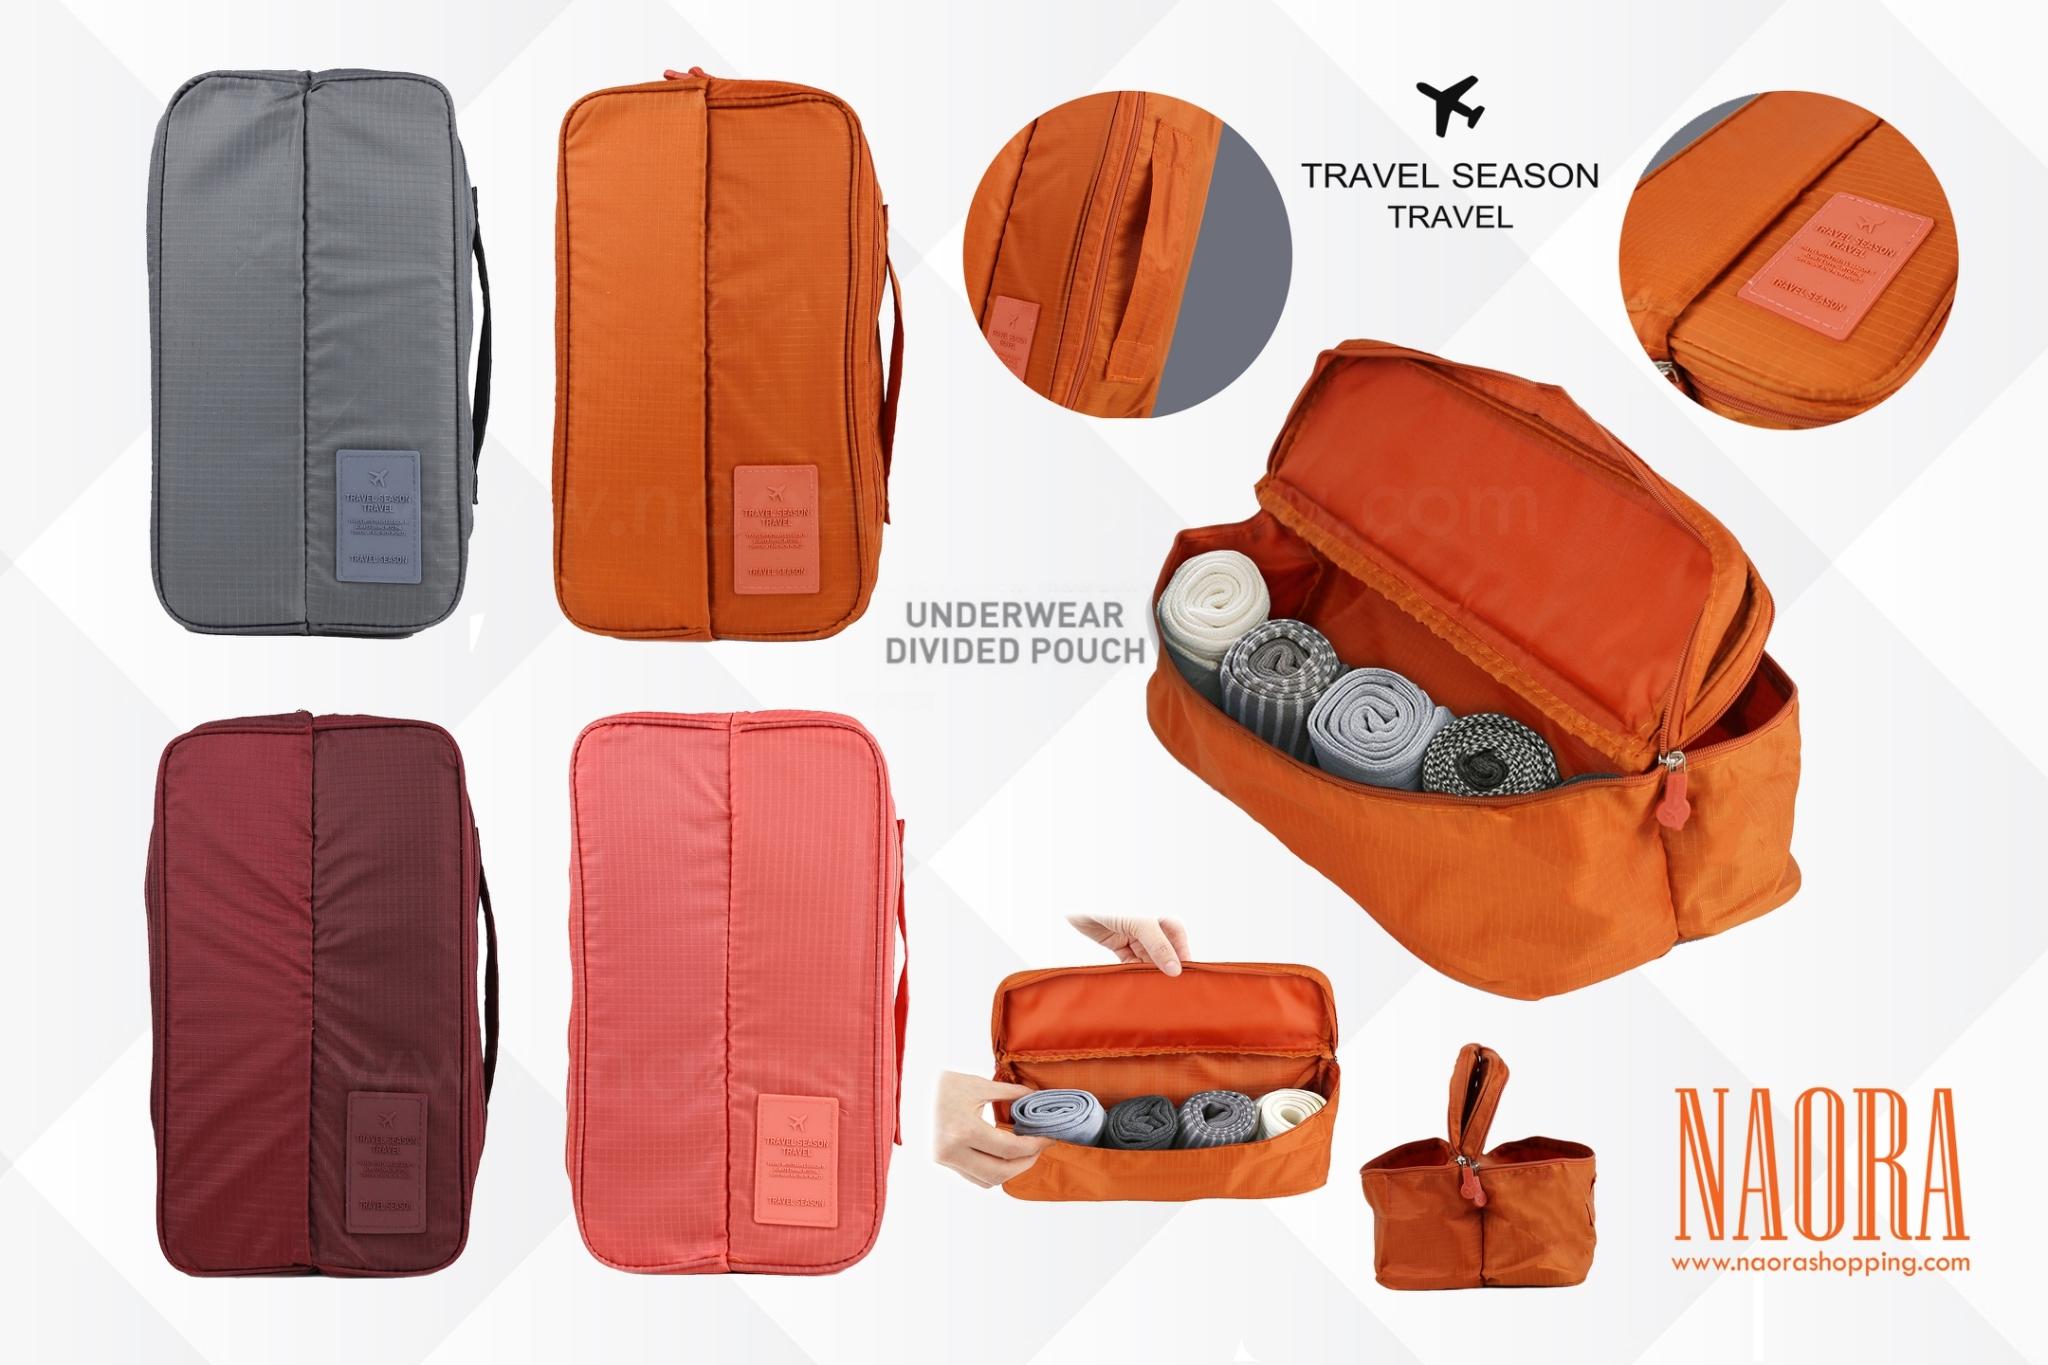 กระเป๋าจัดระเบียบชุดชั้นใน